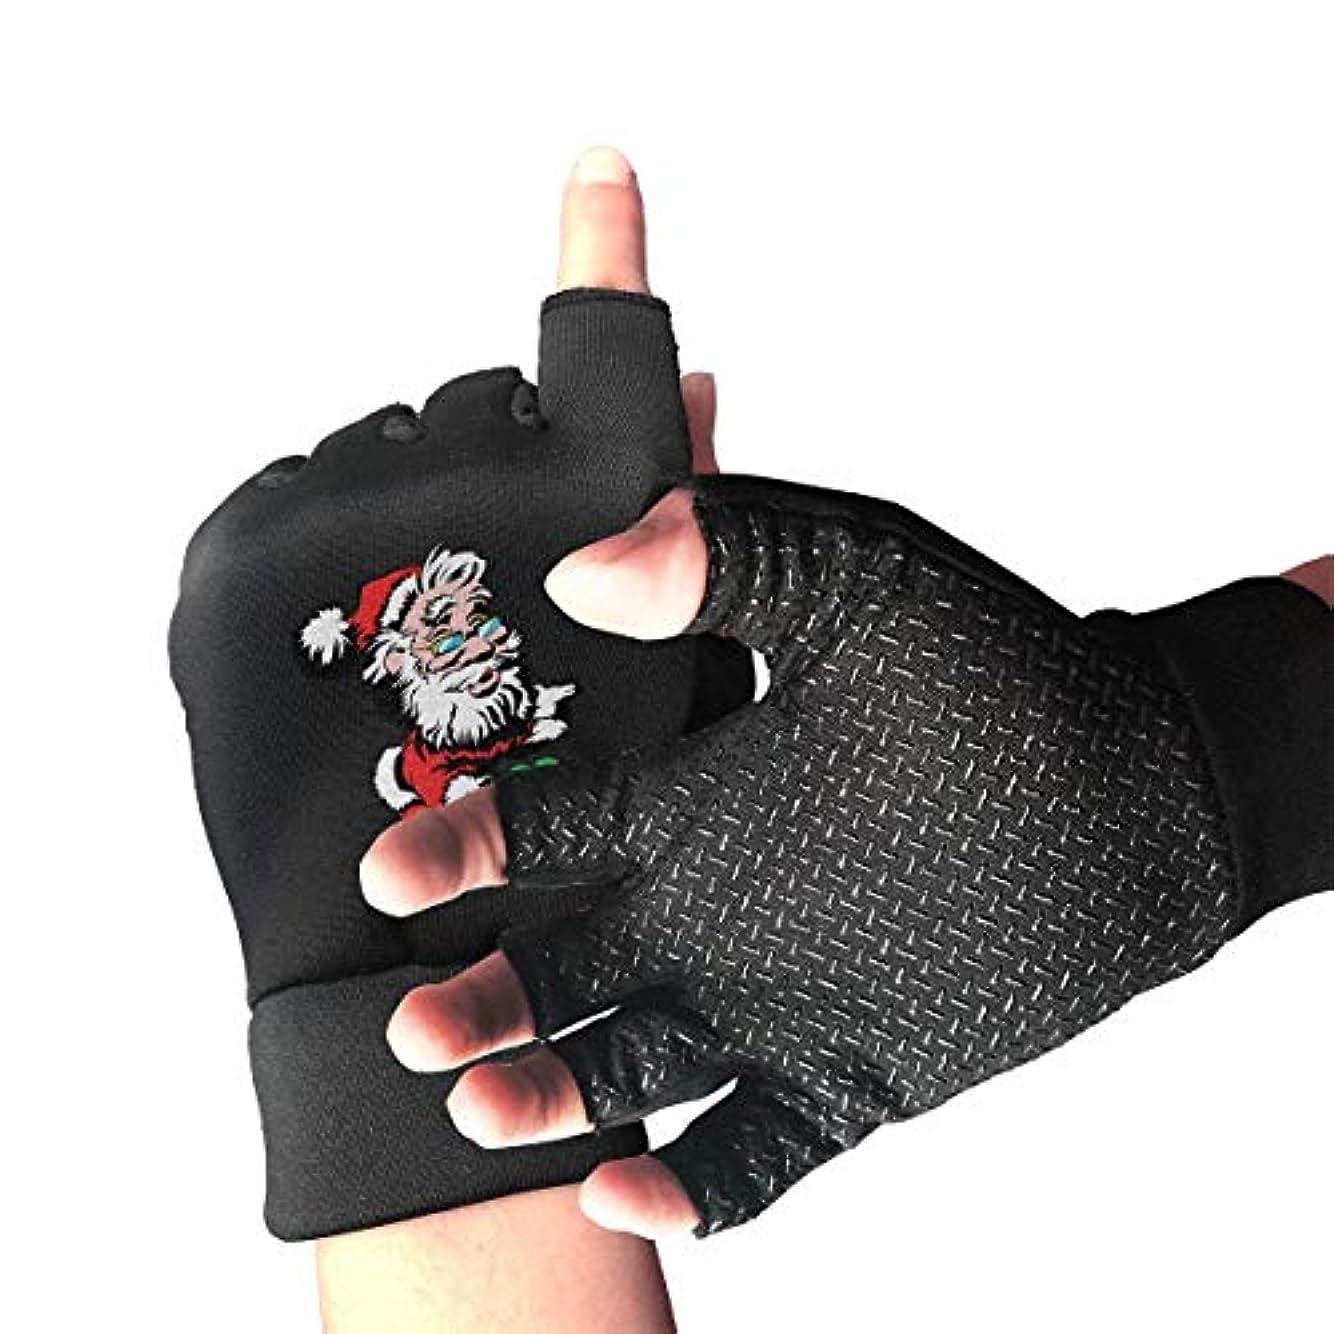 保全リール書き込みCycling Gloves Santa Claus and Gifts Men's/Women's Mountain Bike Gloves Half Finger Anti-Slip Motorcycle Gloves